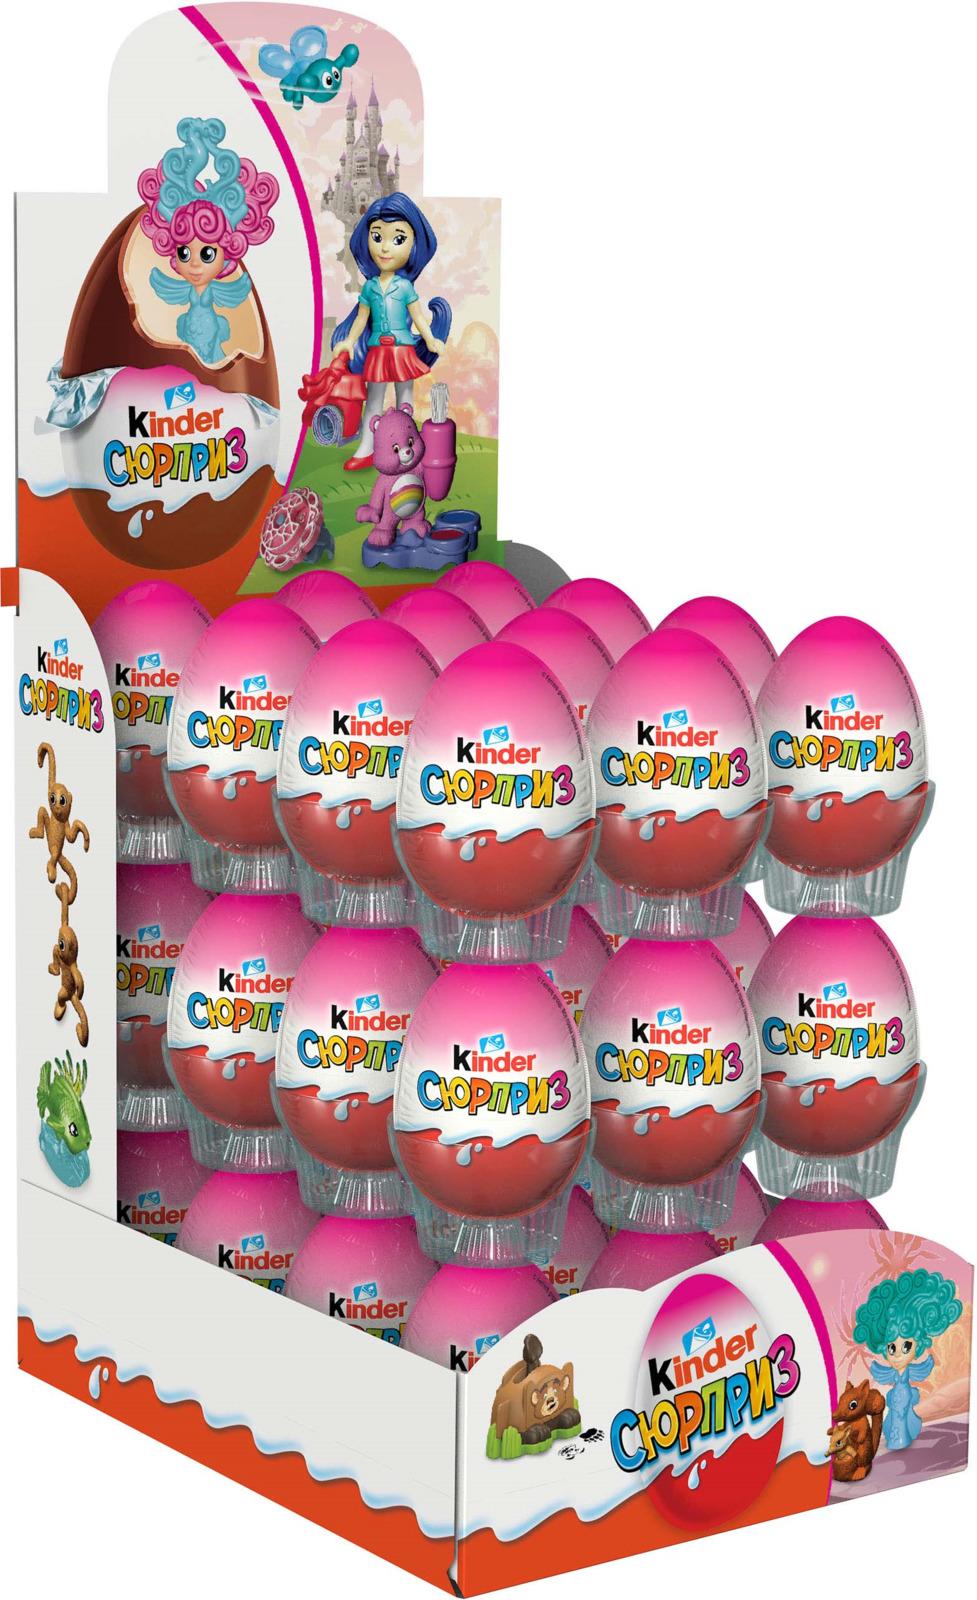 Шоколадное яйцо Kinder Сюрприз Мейнстрим, для девочек, c игрушкой внутри, 36 шт по 20 г десерты kinder kinder surprise для девочки 20 г